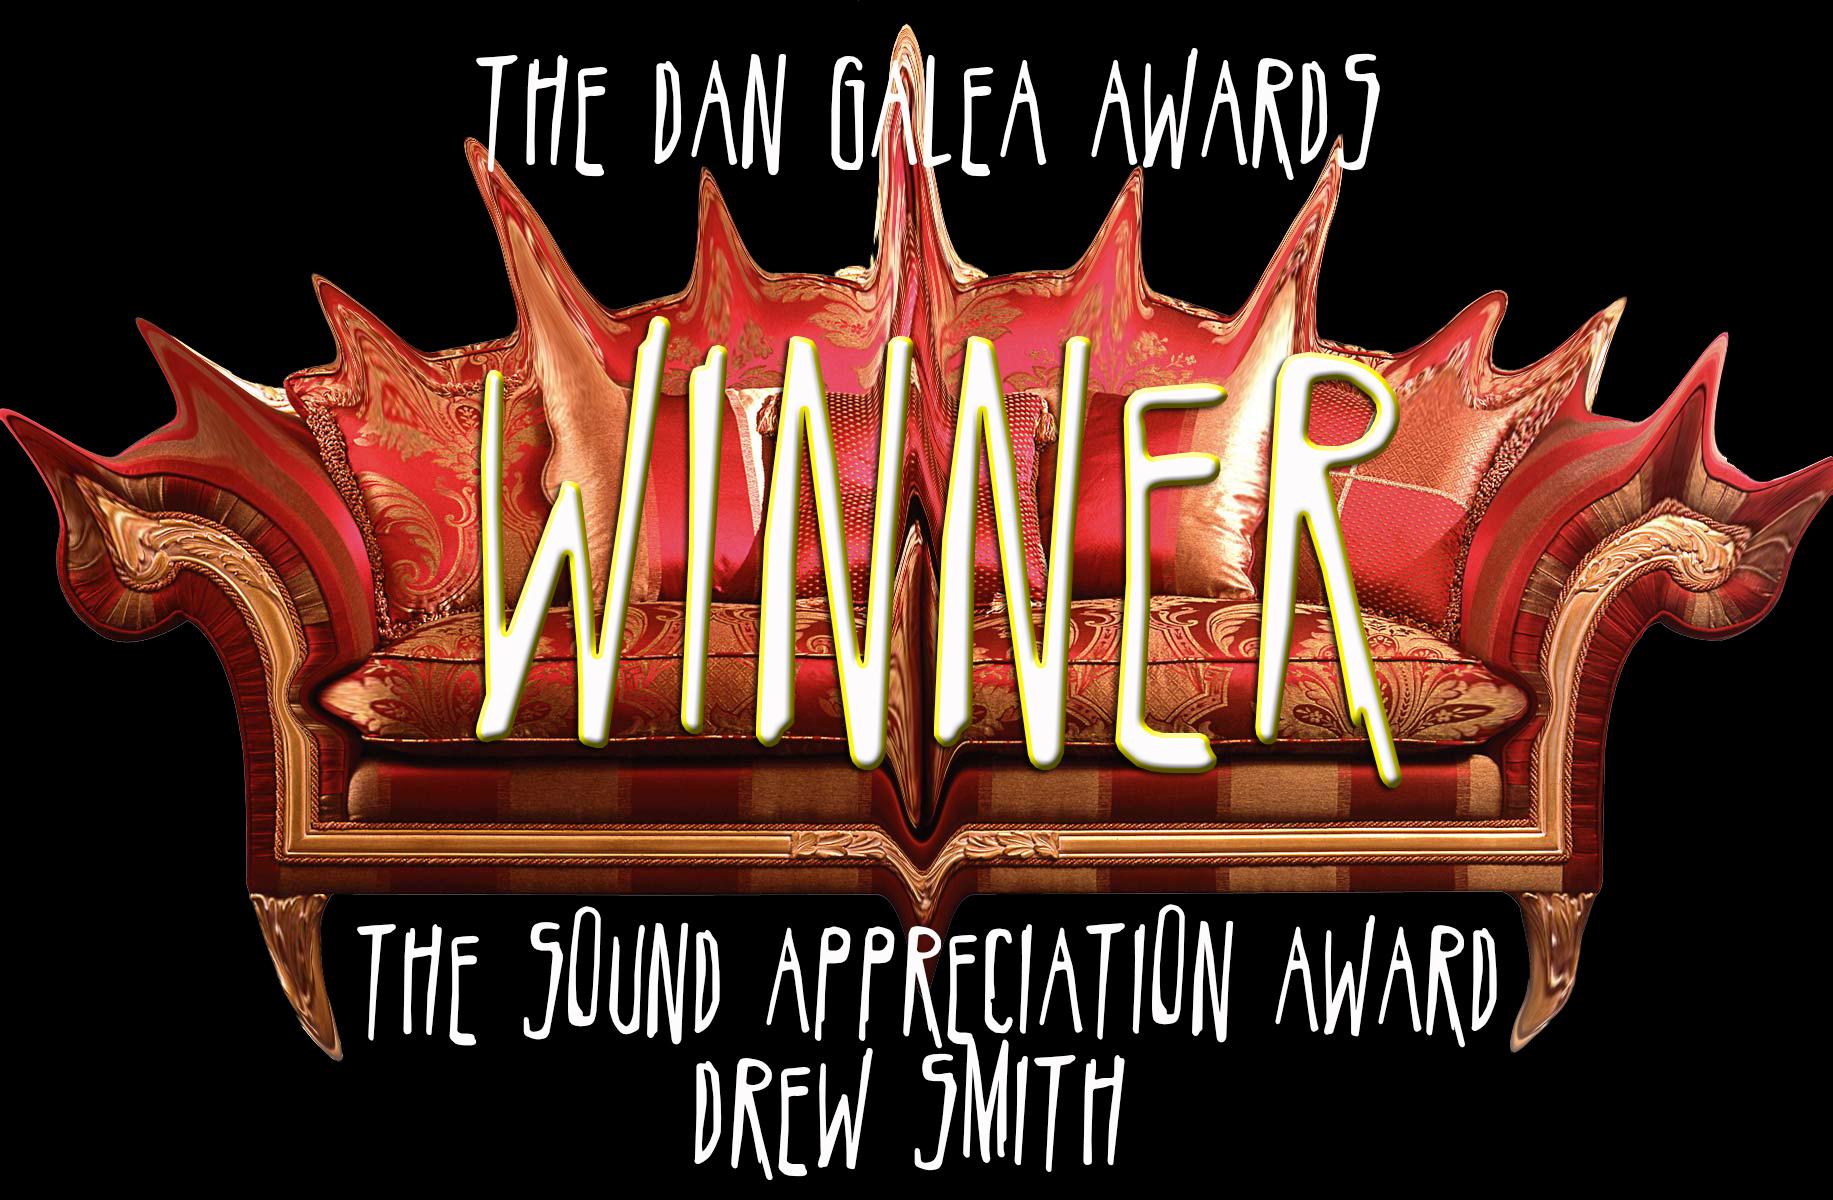 DgAwards Drew Smith.jpg